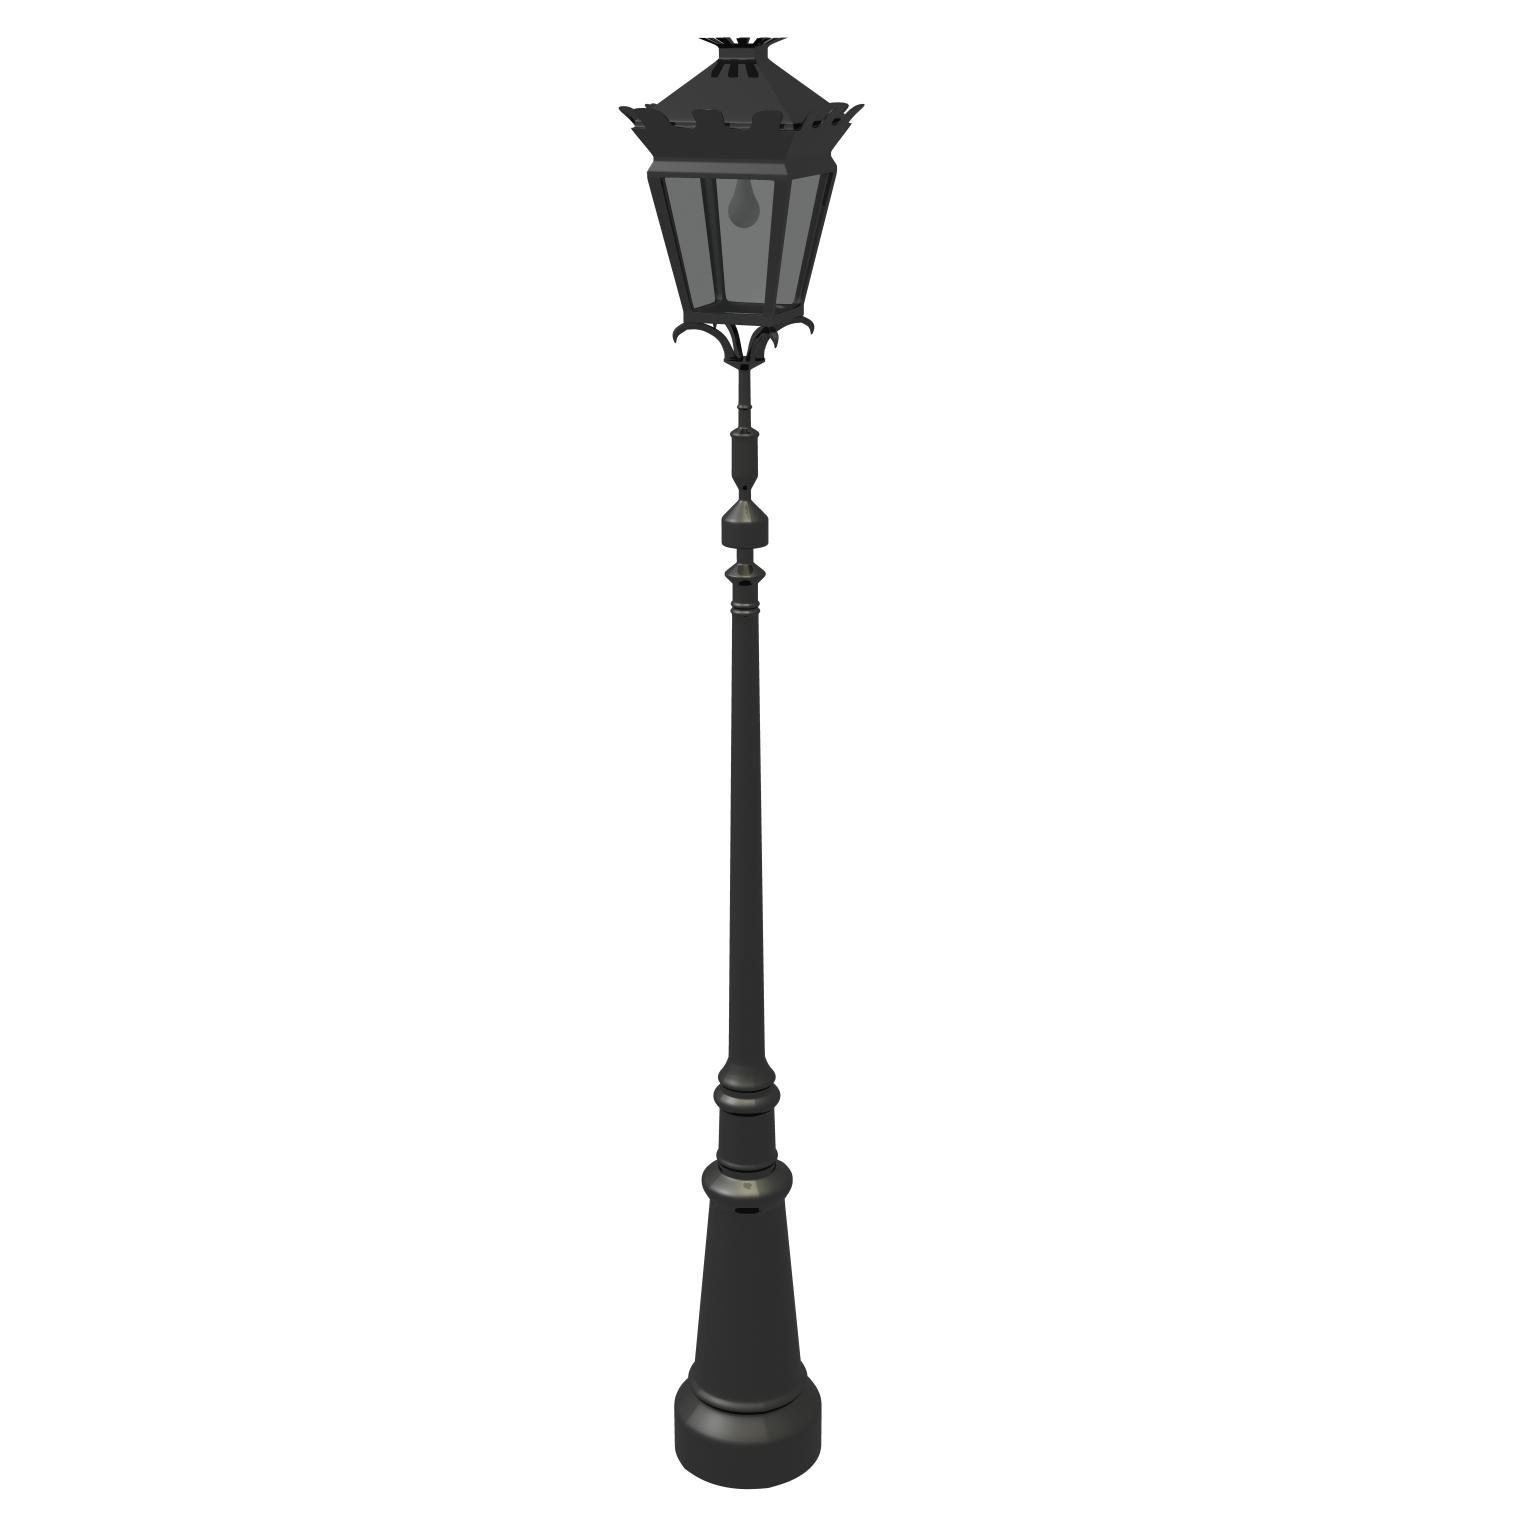 ulična lampa 3d model ma mb obj 119122